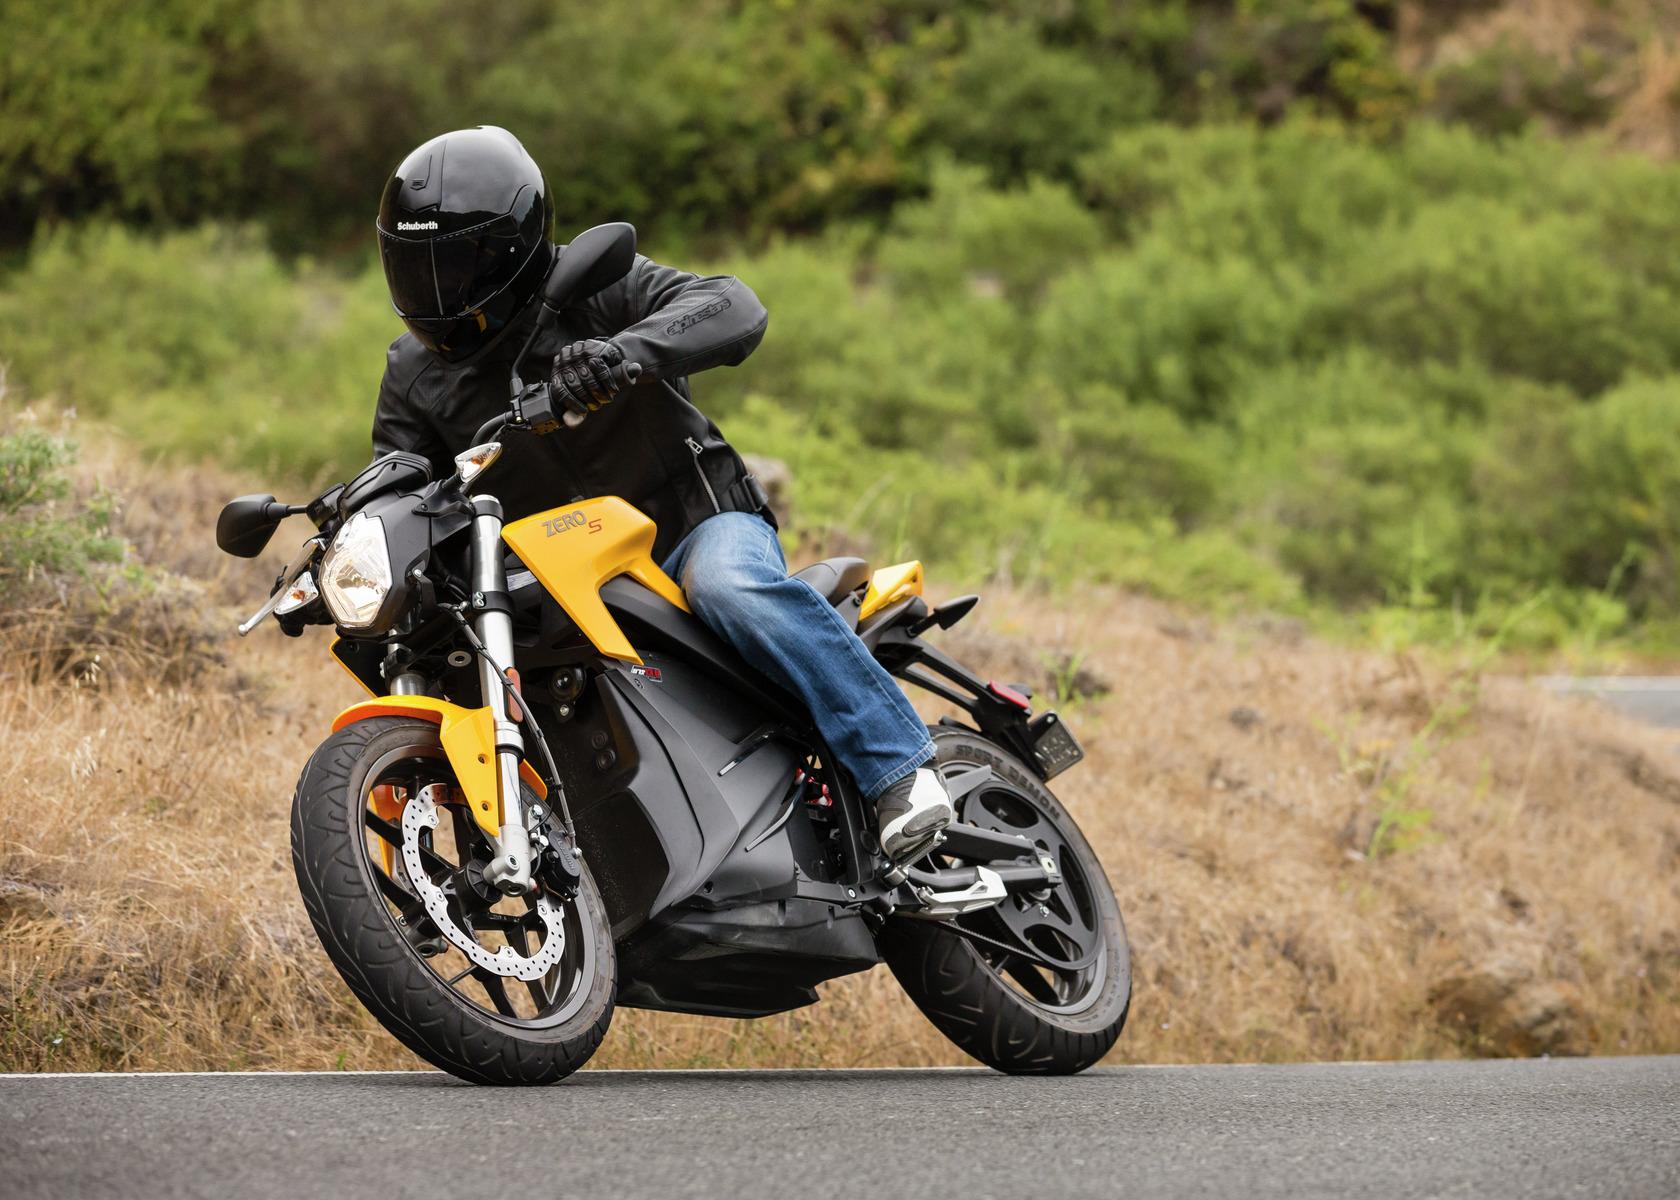 2016 Zero S Electric Motorcycle: